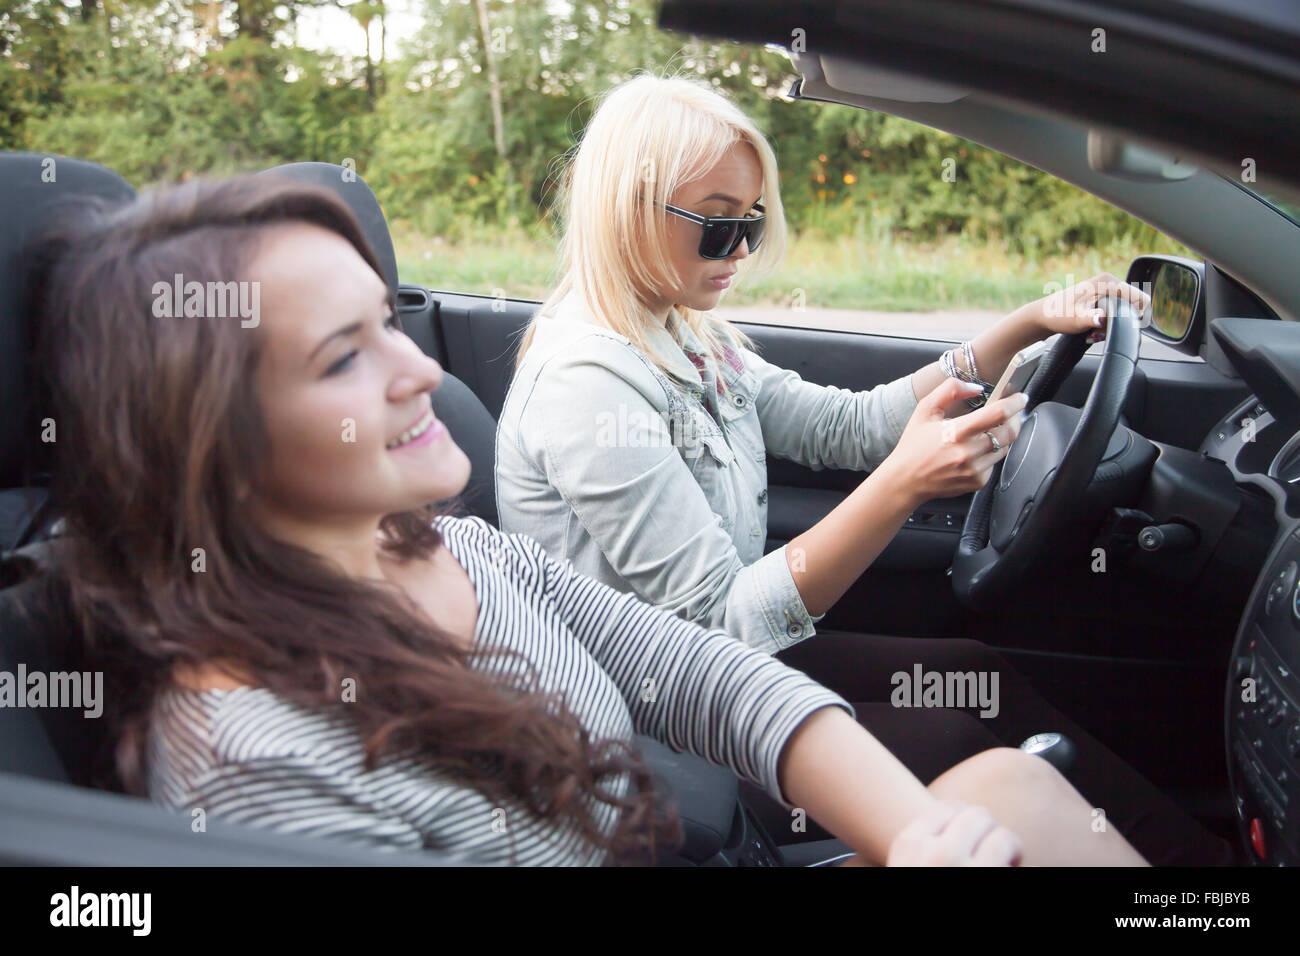 Two Beautiful Traveler Young Women Friends Riding Black Sports Car